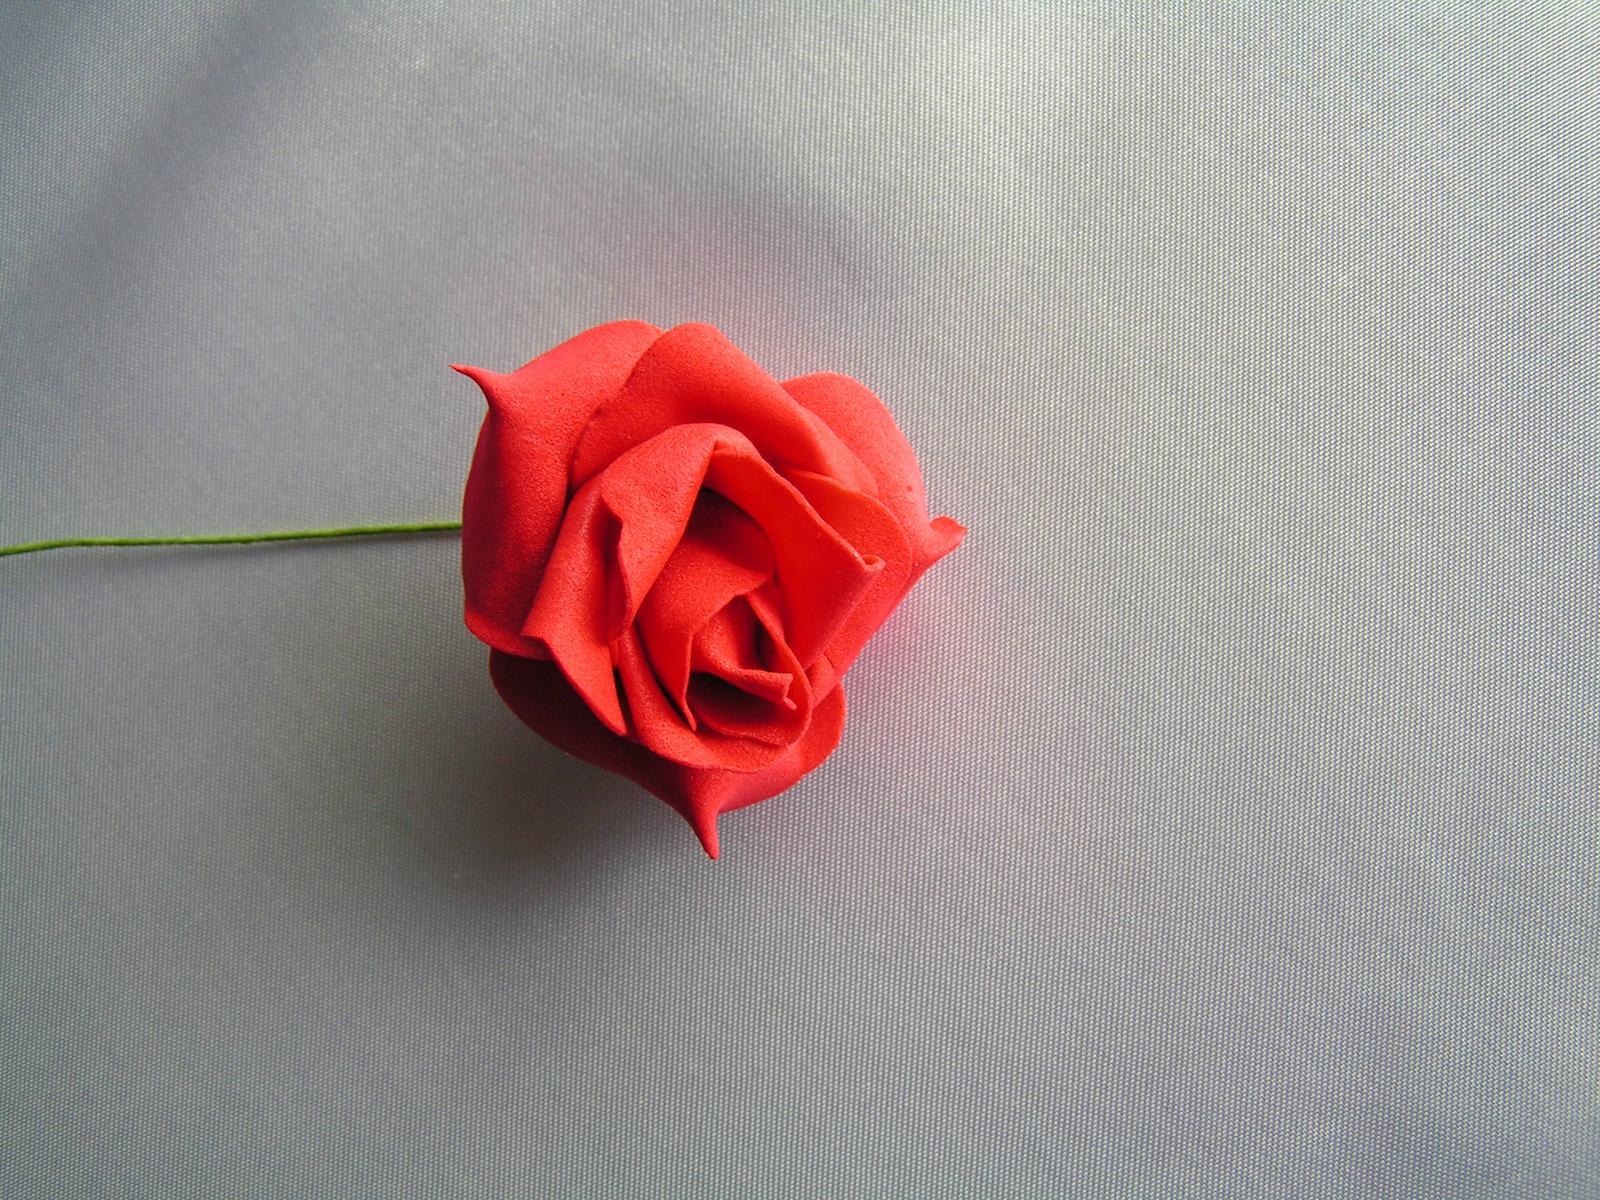 Červené pěnové růže - Obrázek č. 1